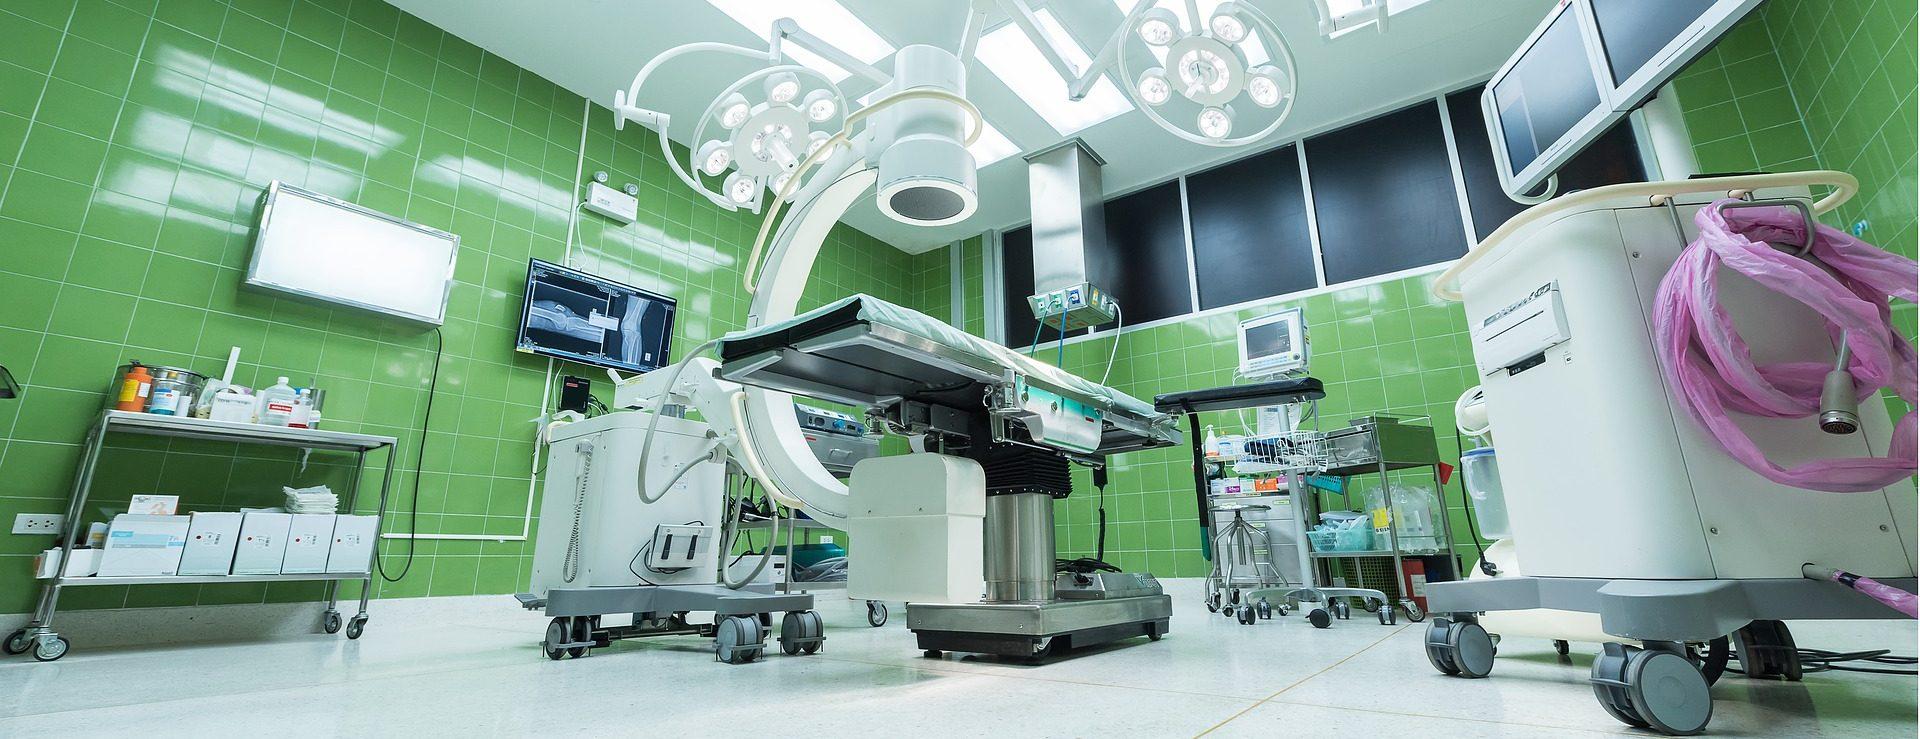 Salle d'opération médicale de pointe